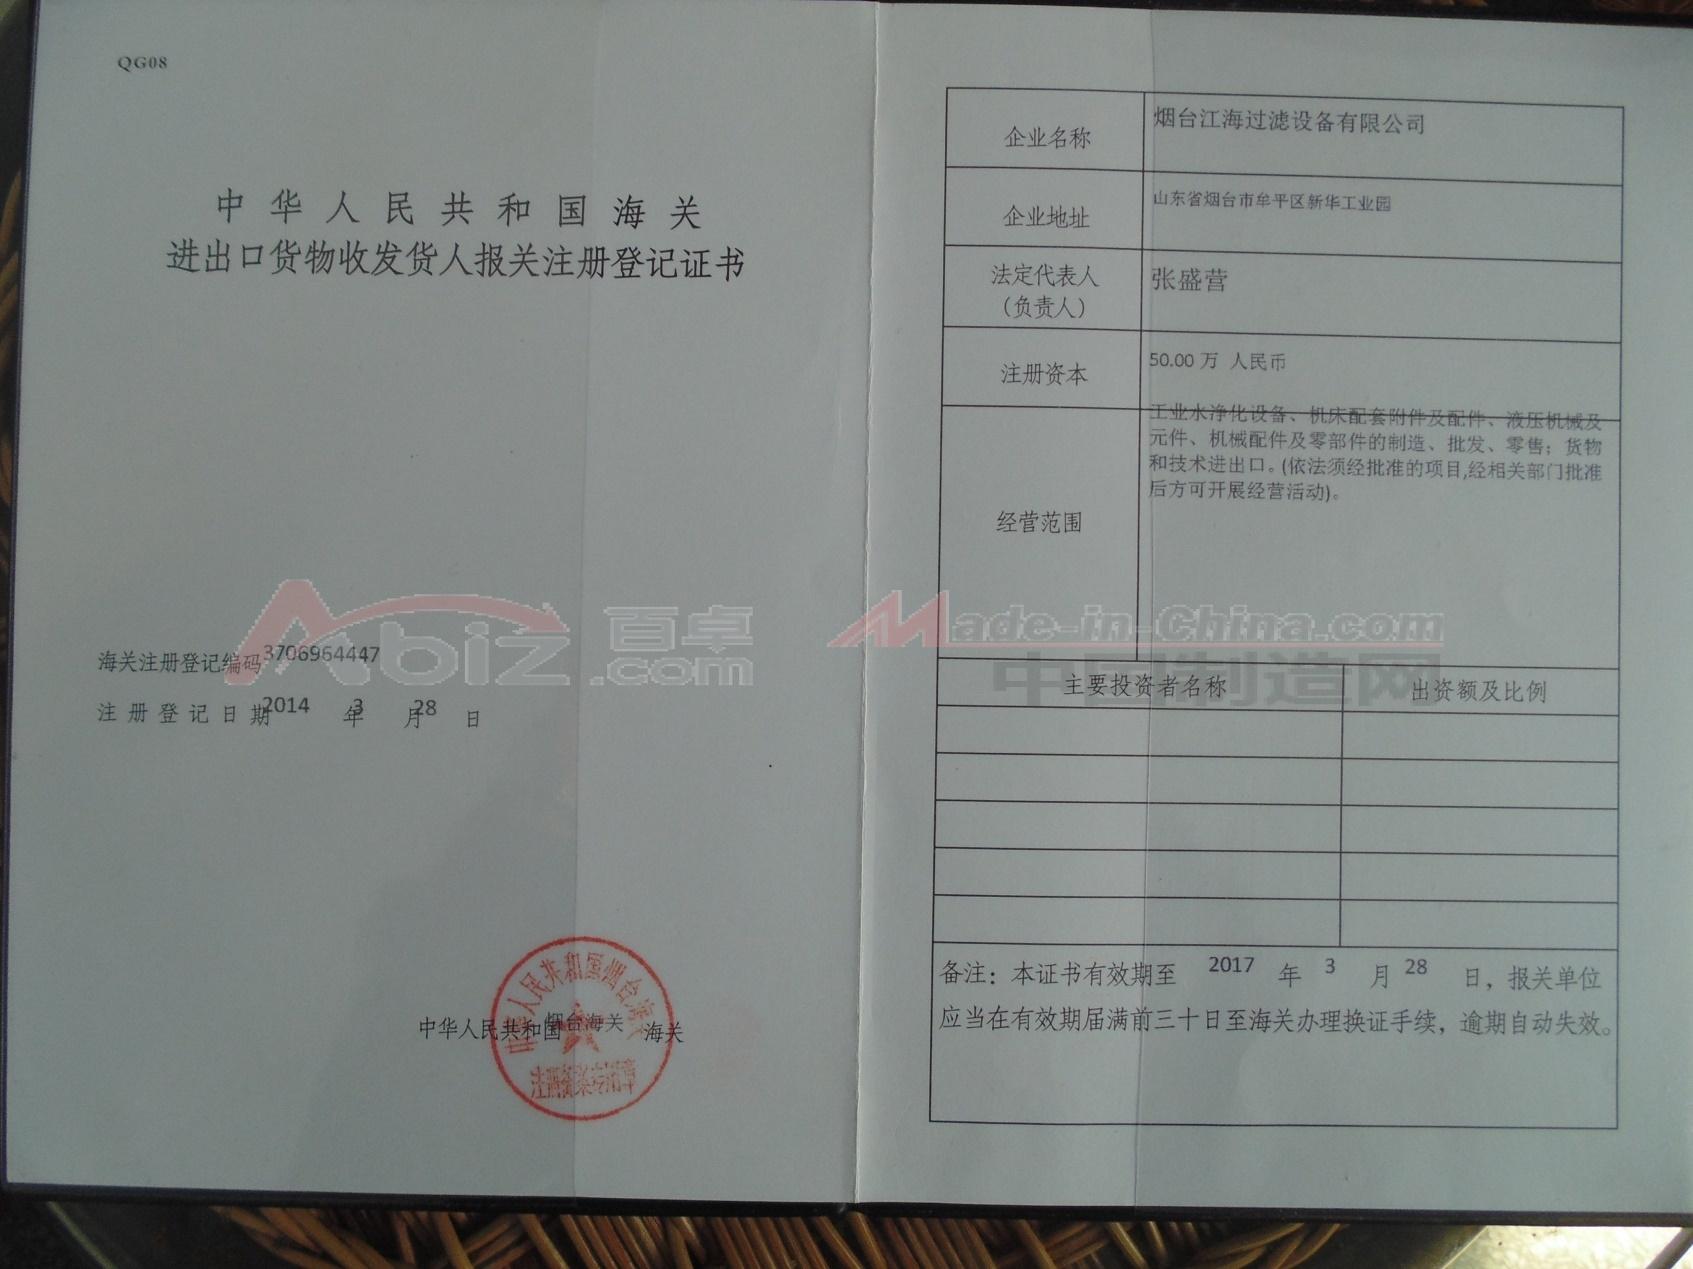 进出口货物收发人报关注册登记证书